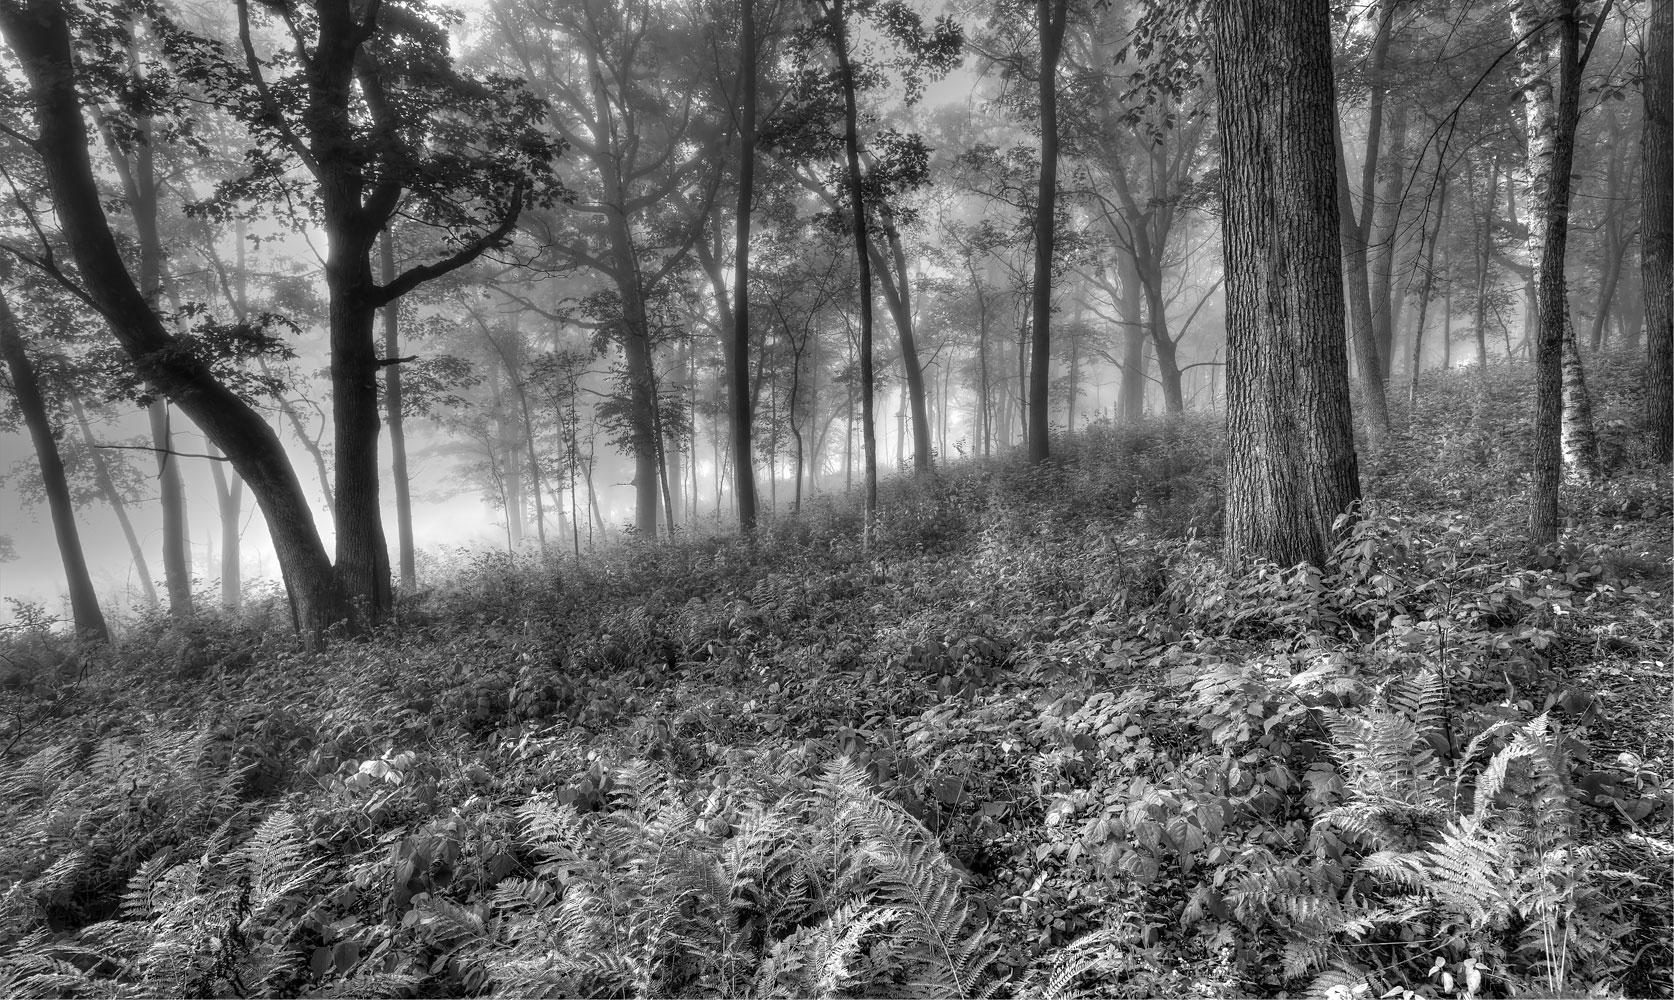 FoggyForest_MG_0638tm.jpg